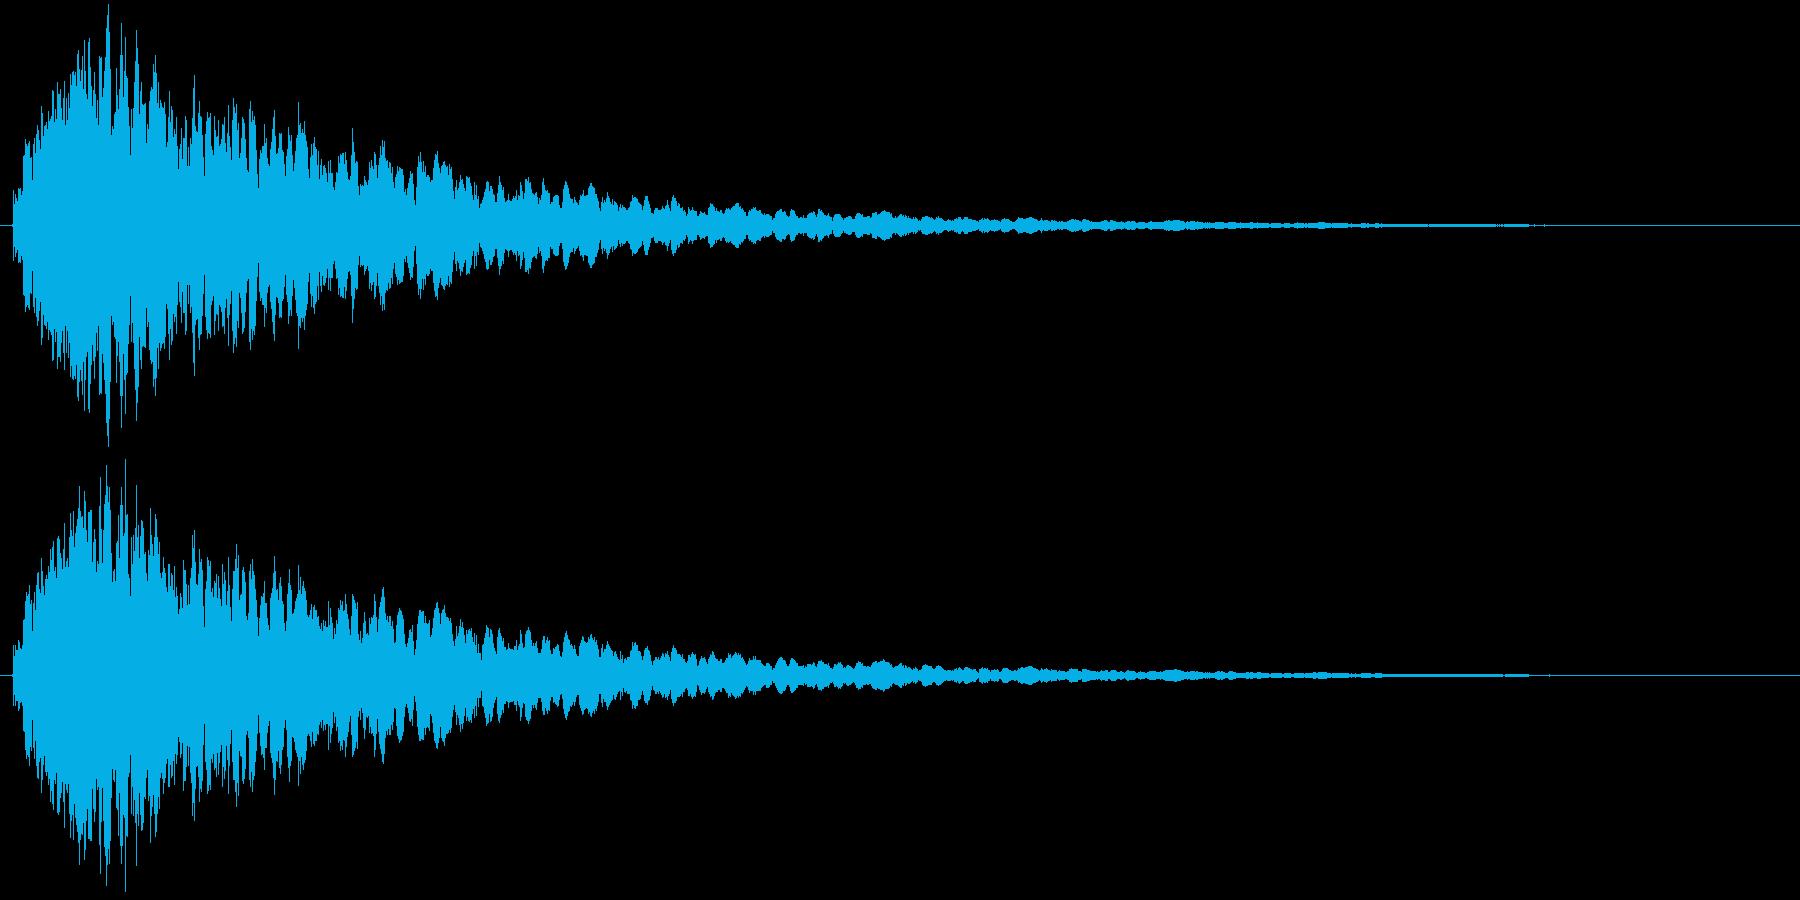 タッチ音 (シャキーン)の再生済みの波形